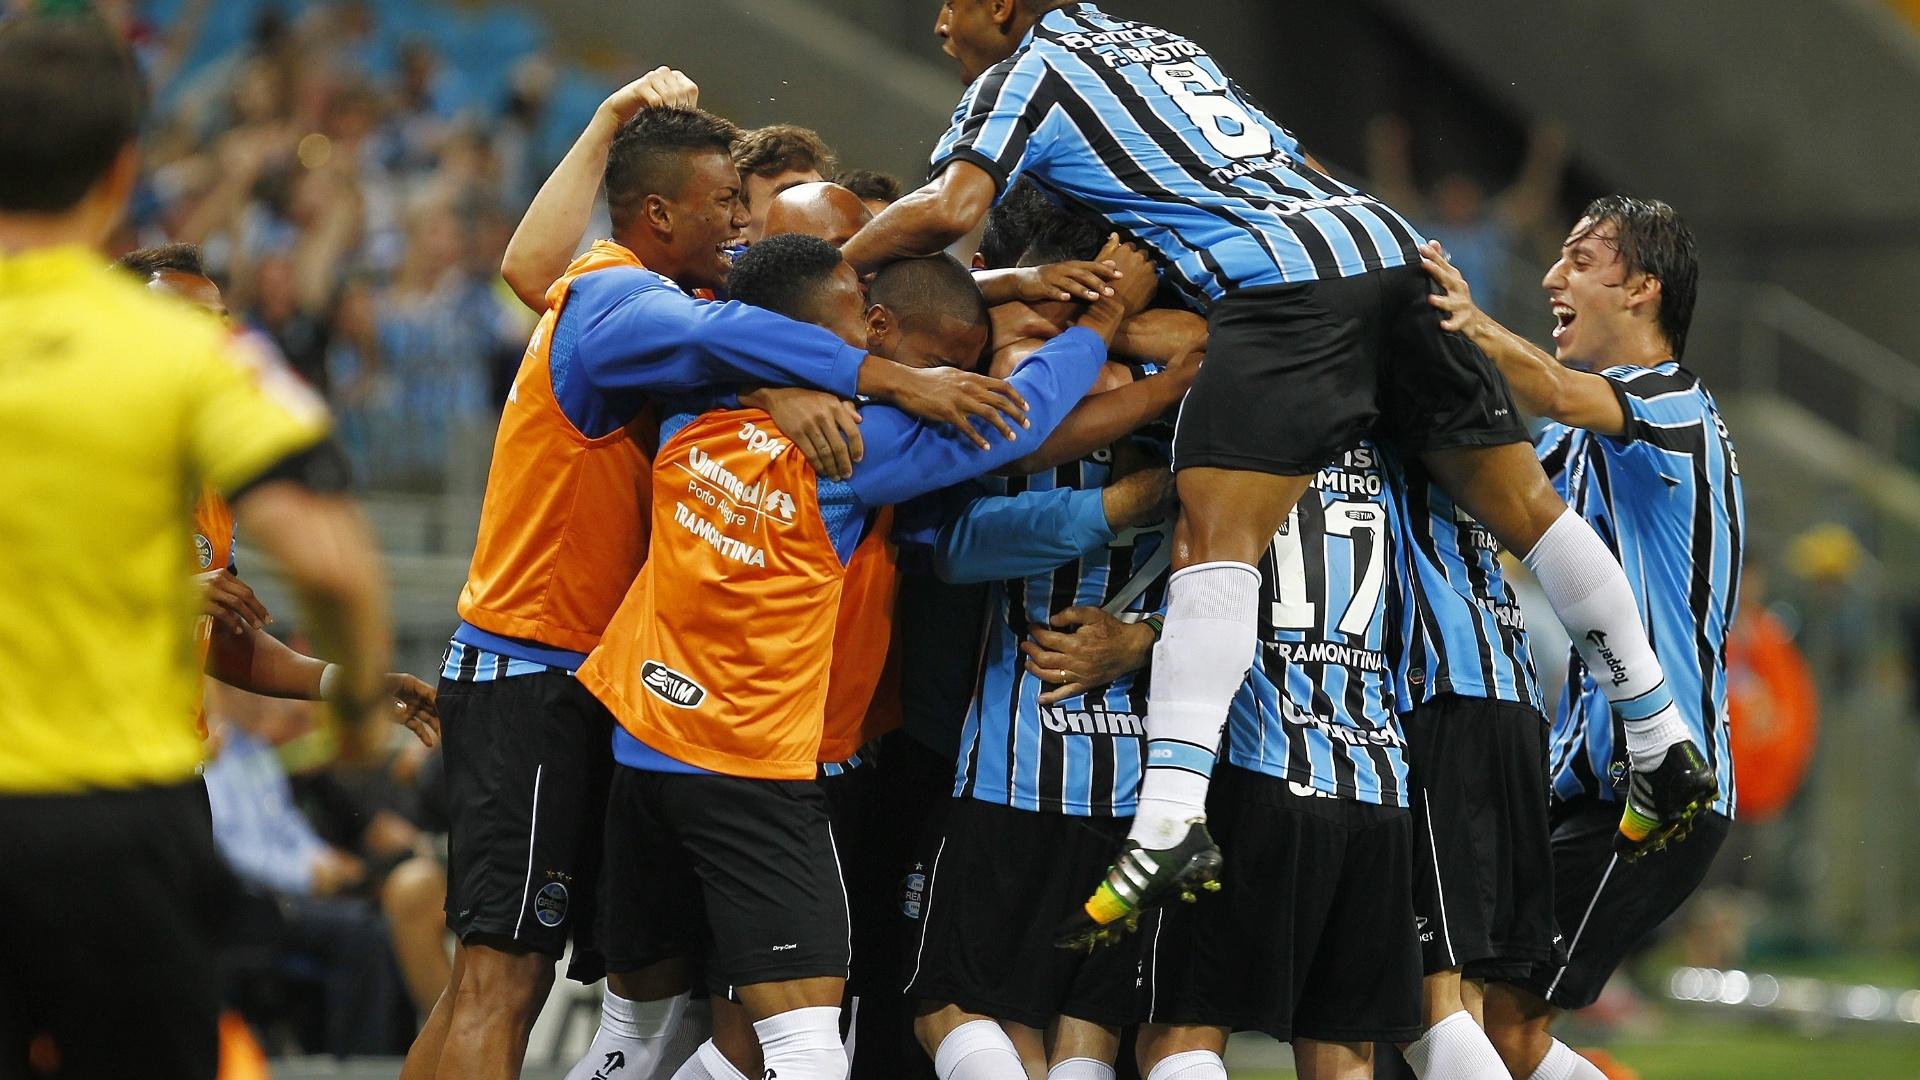 Jogadores do Grêmio comemoram gol contra o Vitória pelo Campeonato Brasileiro